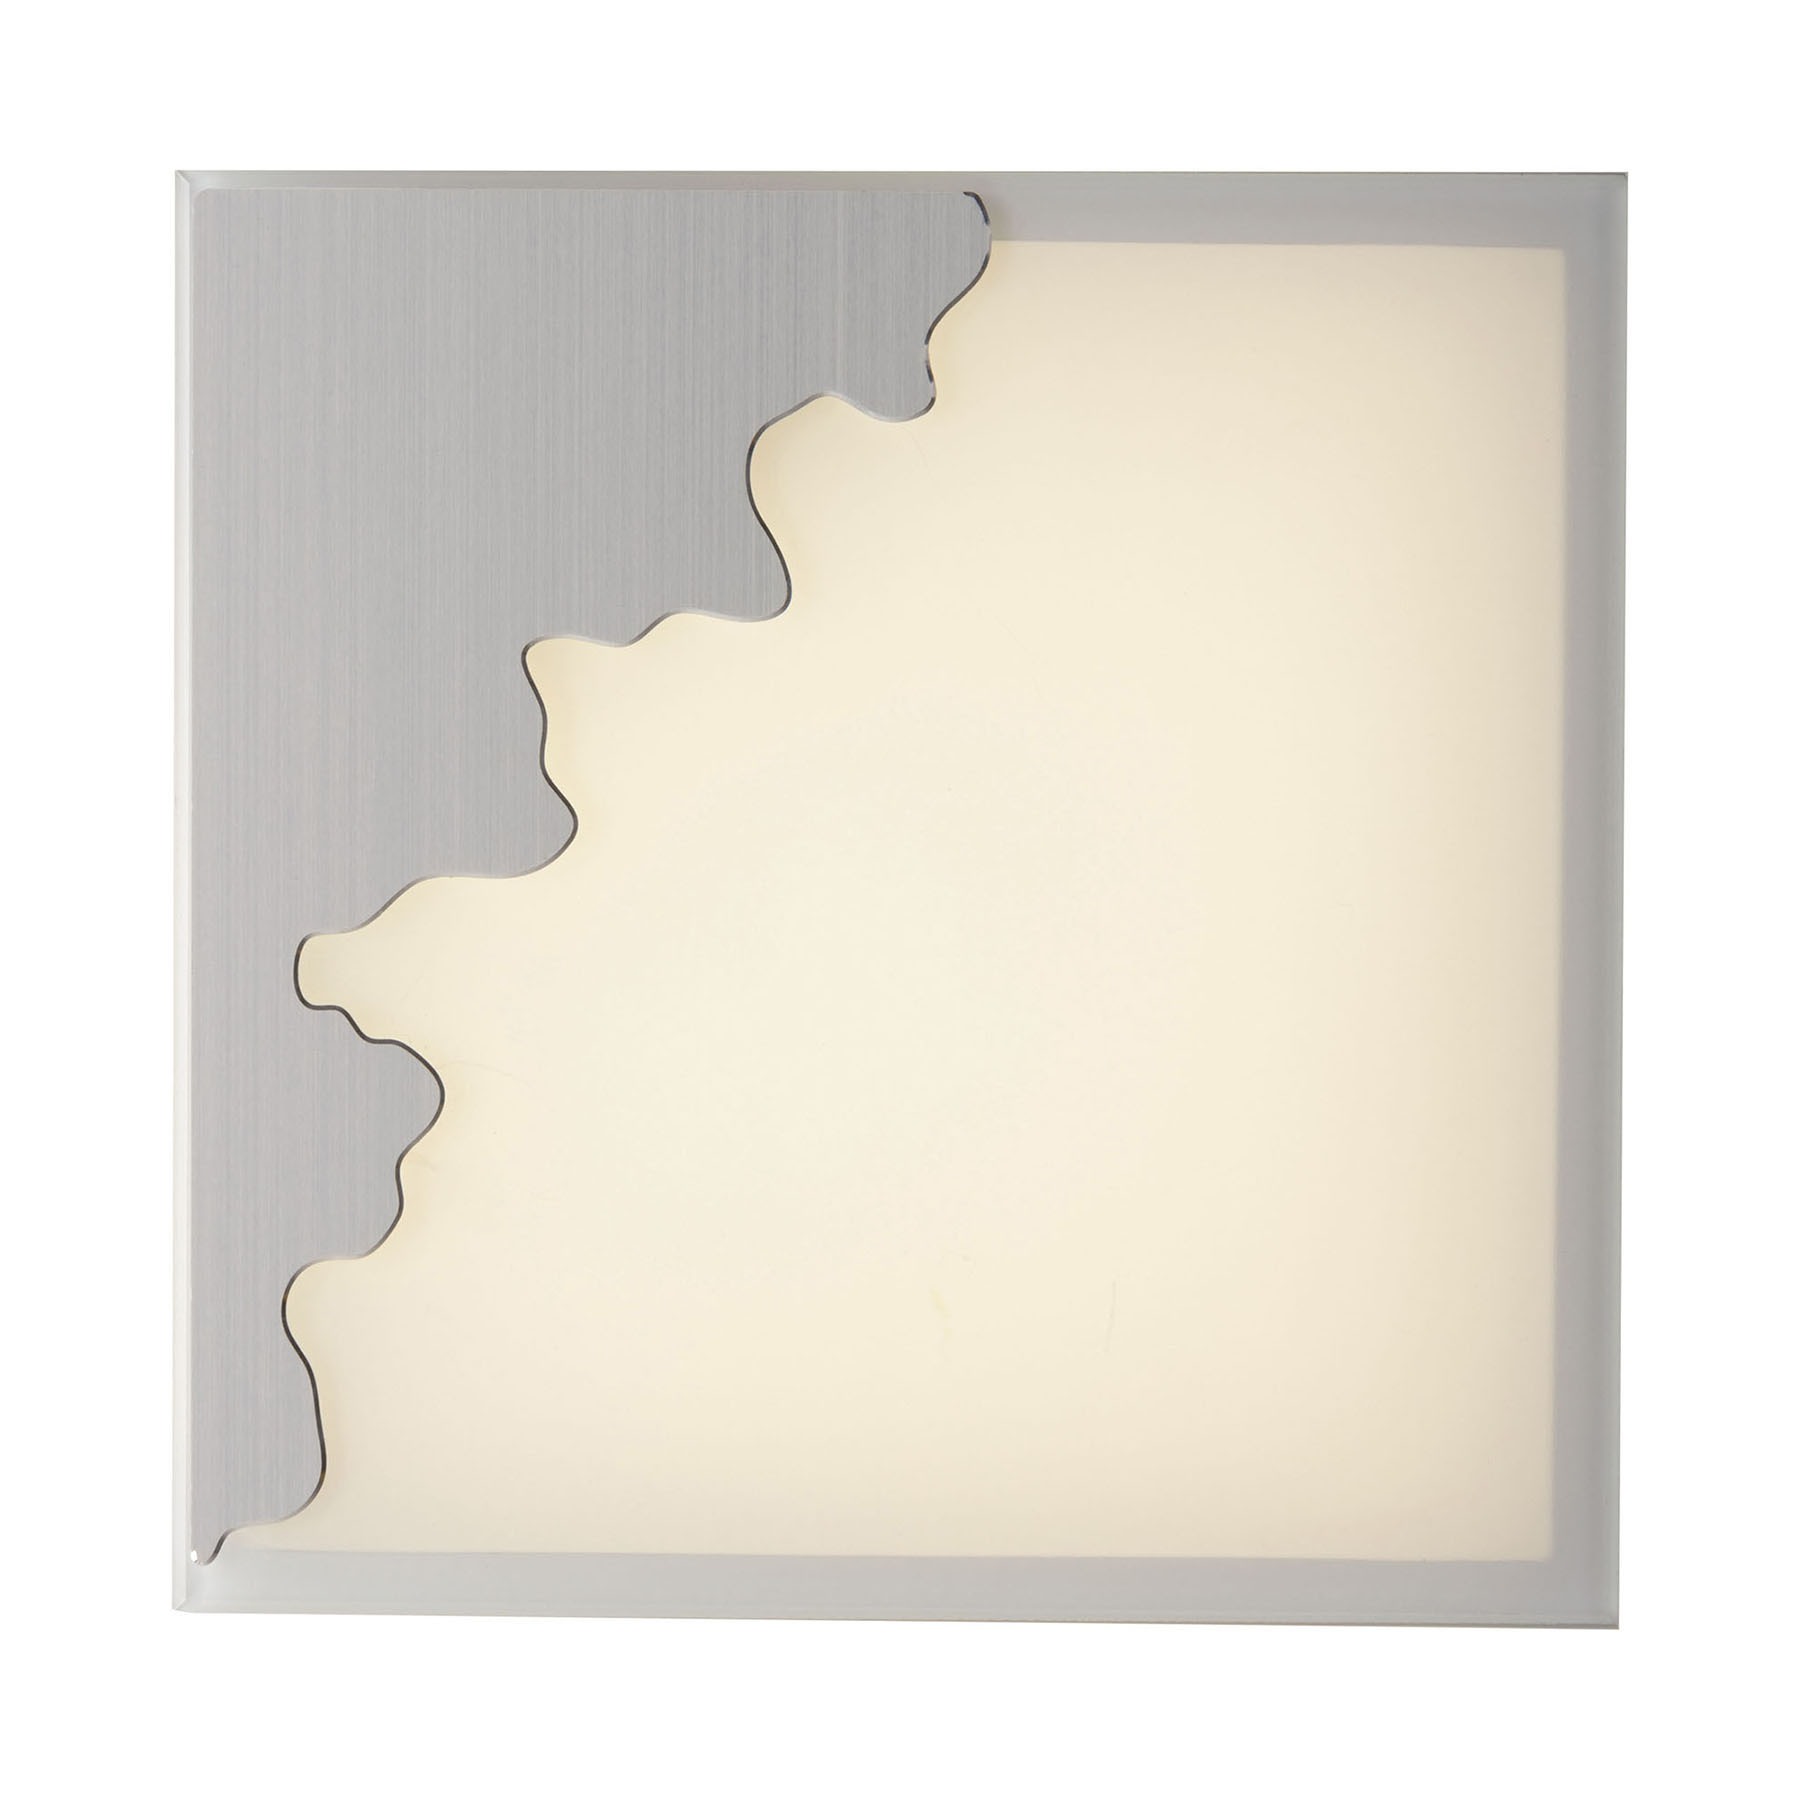 Wandlamp Chic, hoekig, zilver/gesatineerd, 38x38cm